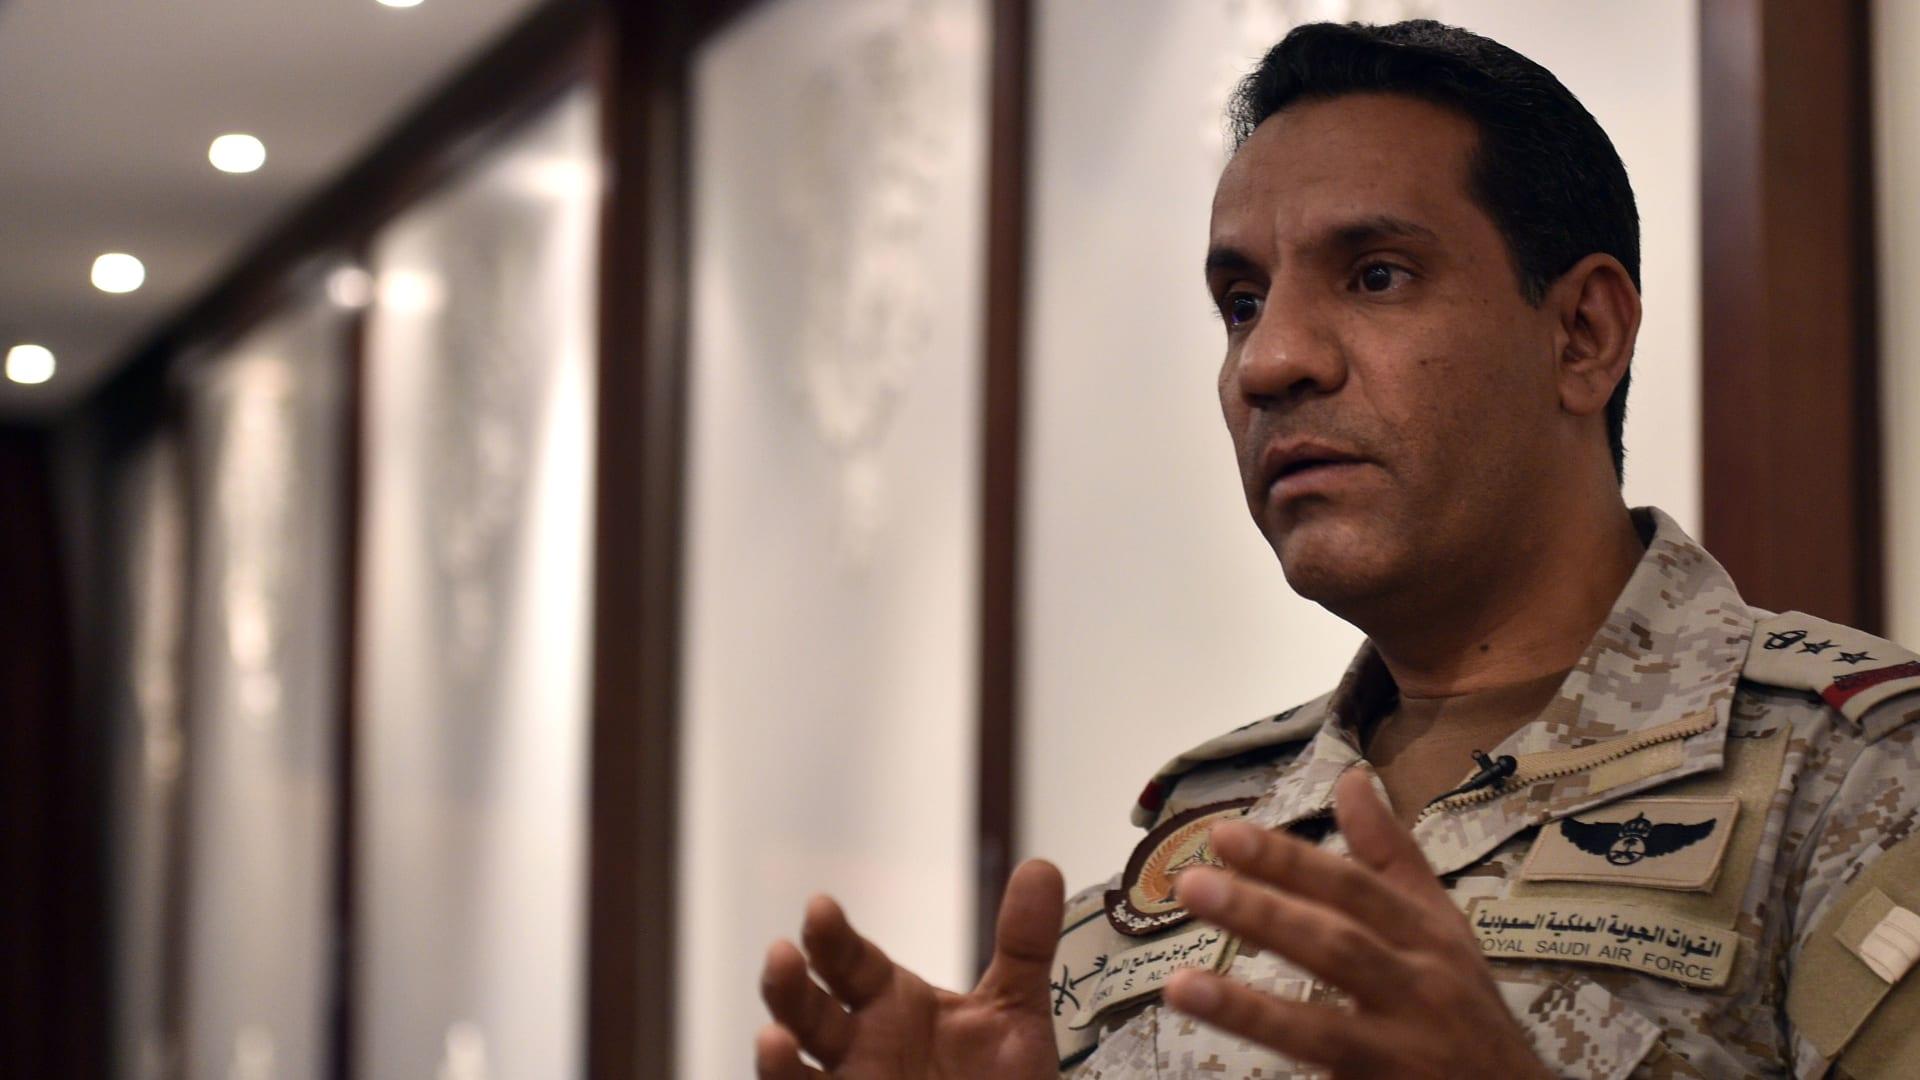 التحالف السعودي في اليمن: إحباط هجوم وشيك على المملكة ومقتل المنفذين